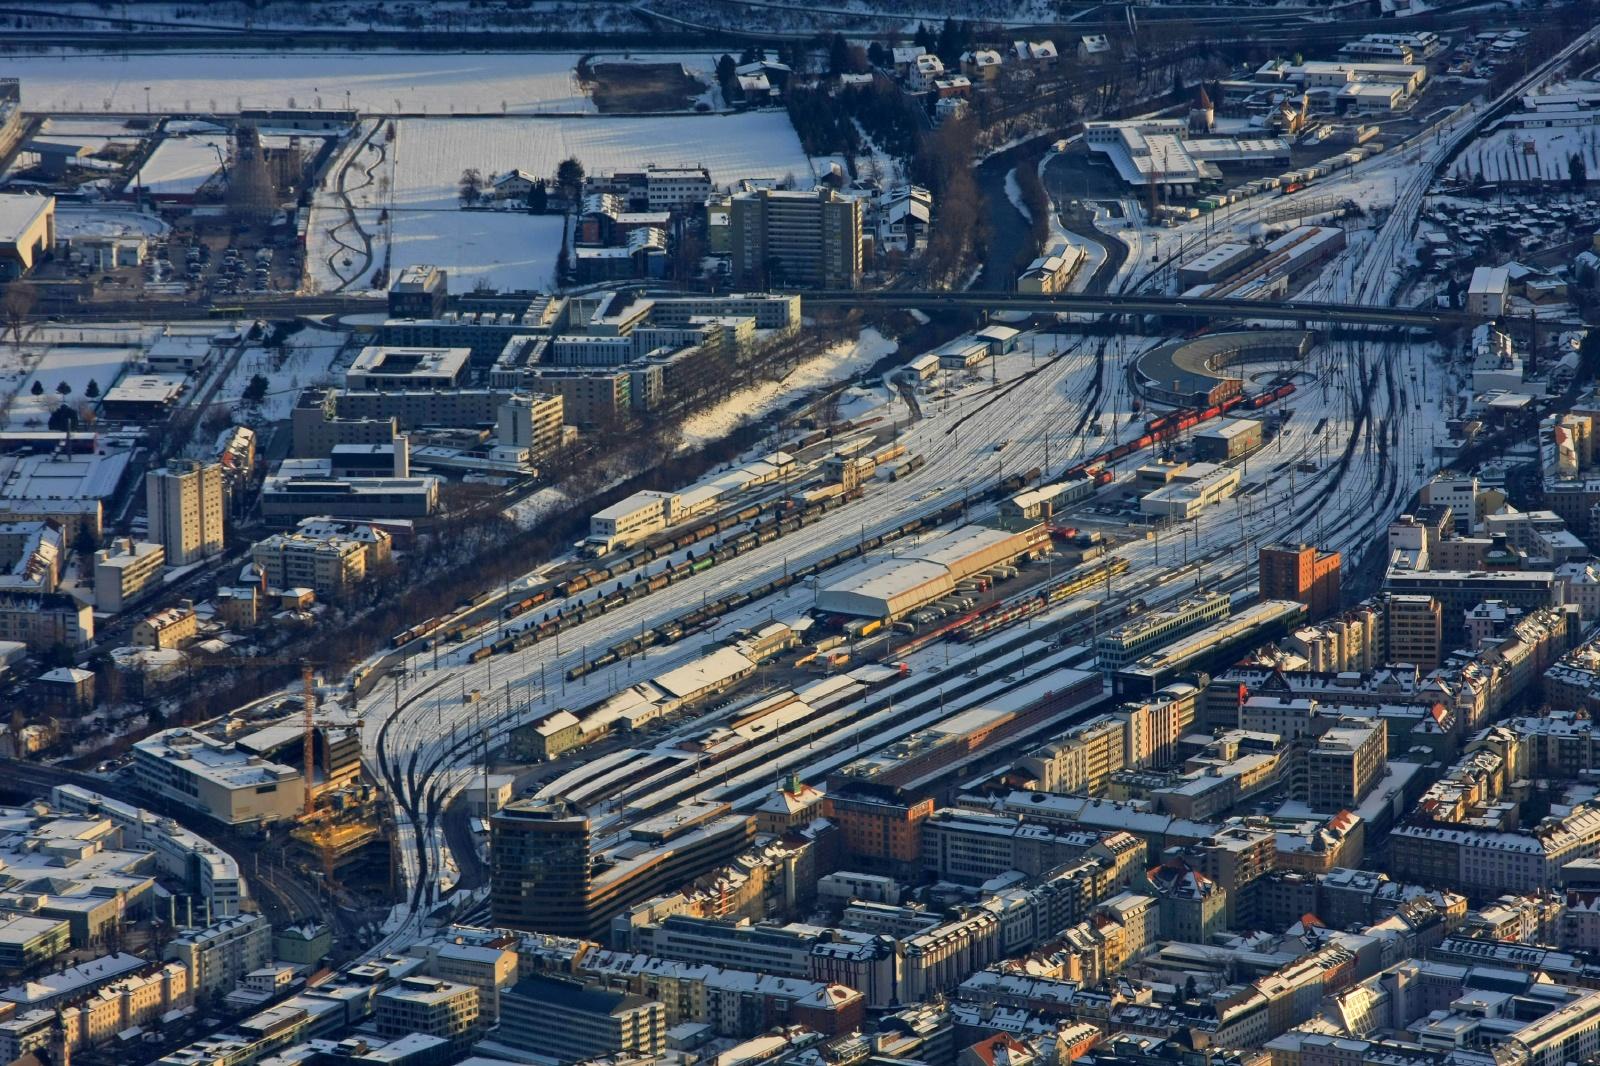 雪のインスブルック駅 オーストリアの鉄道風景